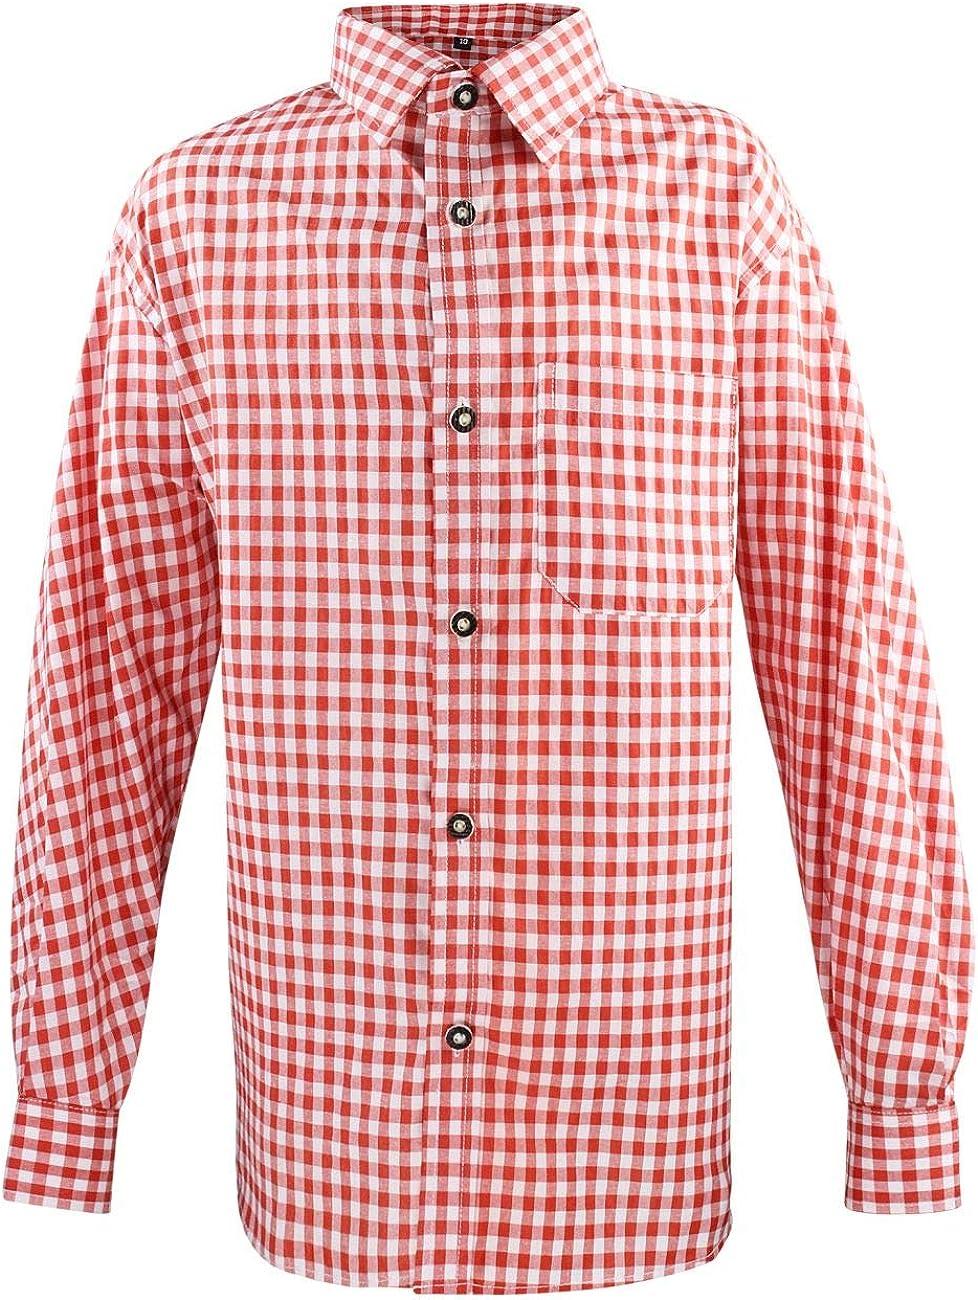 Alte Liebe Camisa de Traje Tradicional para niños Pantalones de Piel, Manga Larga, Oktoberfest, Traje Regional, Talla 104-164: Amazon.es: Ropa y accesorios